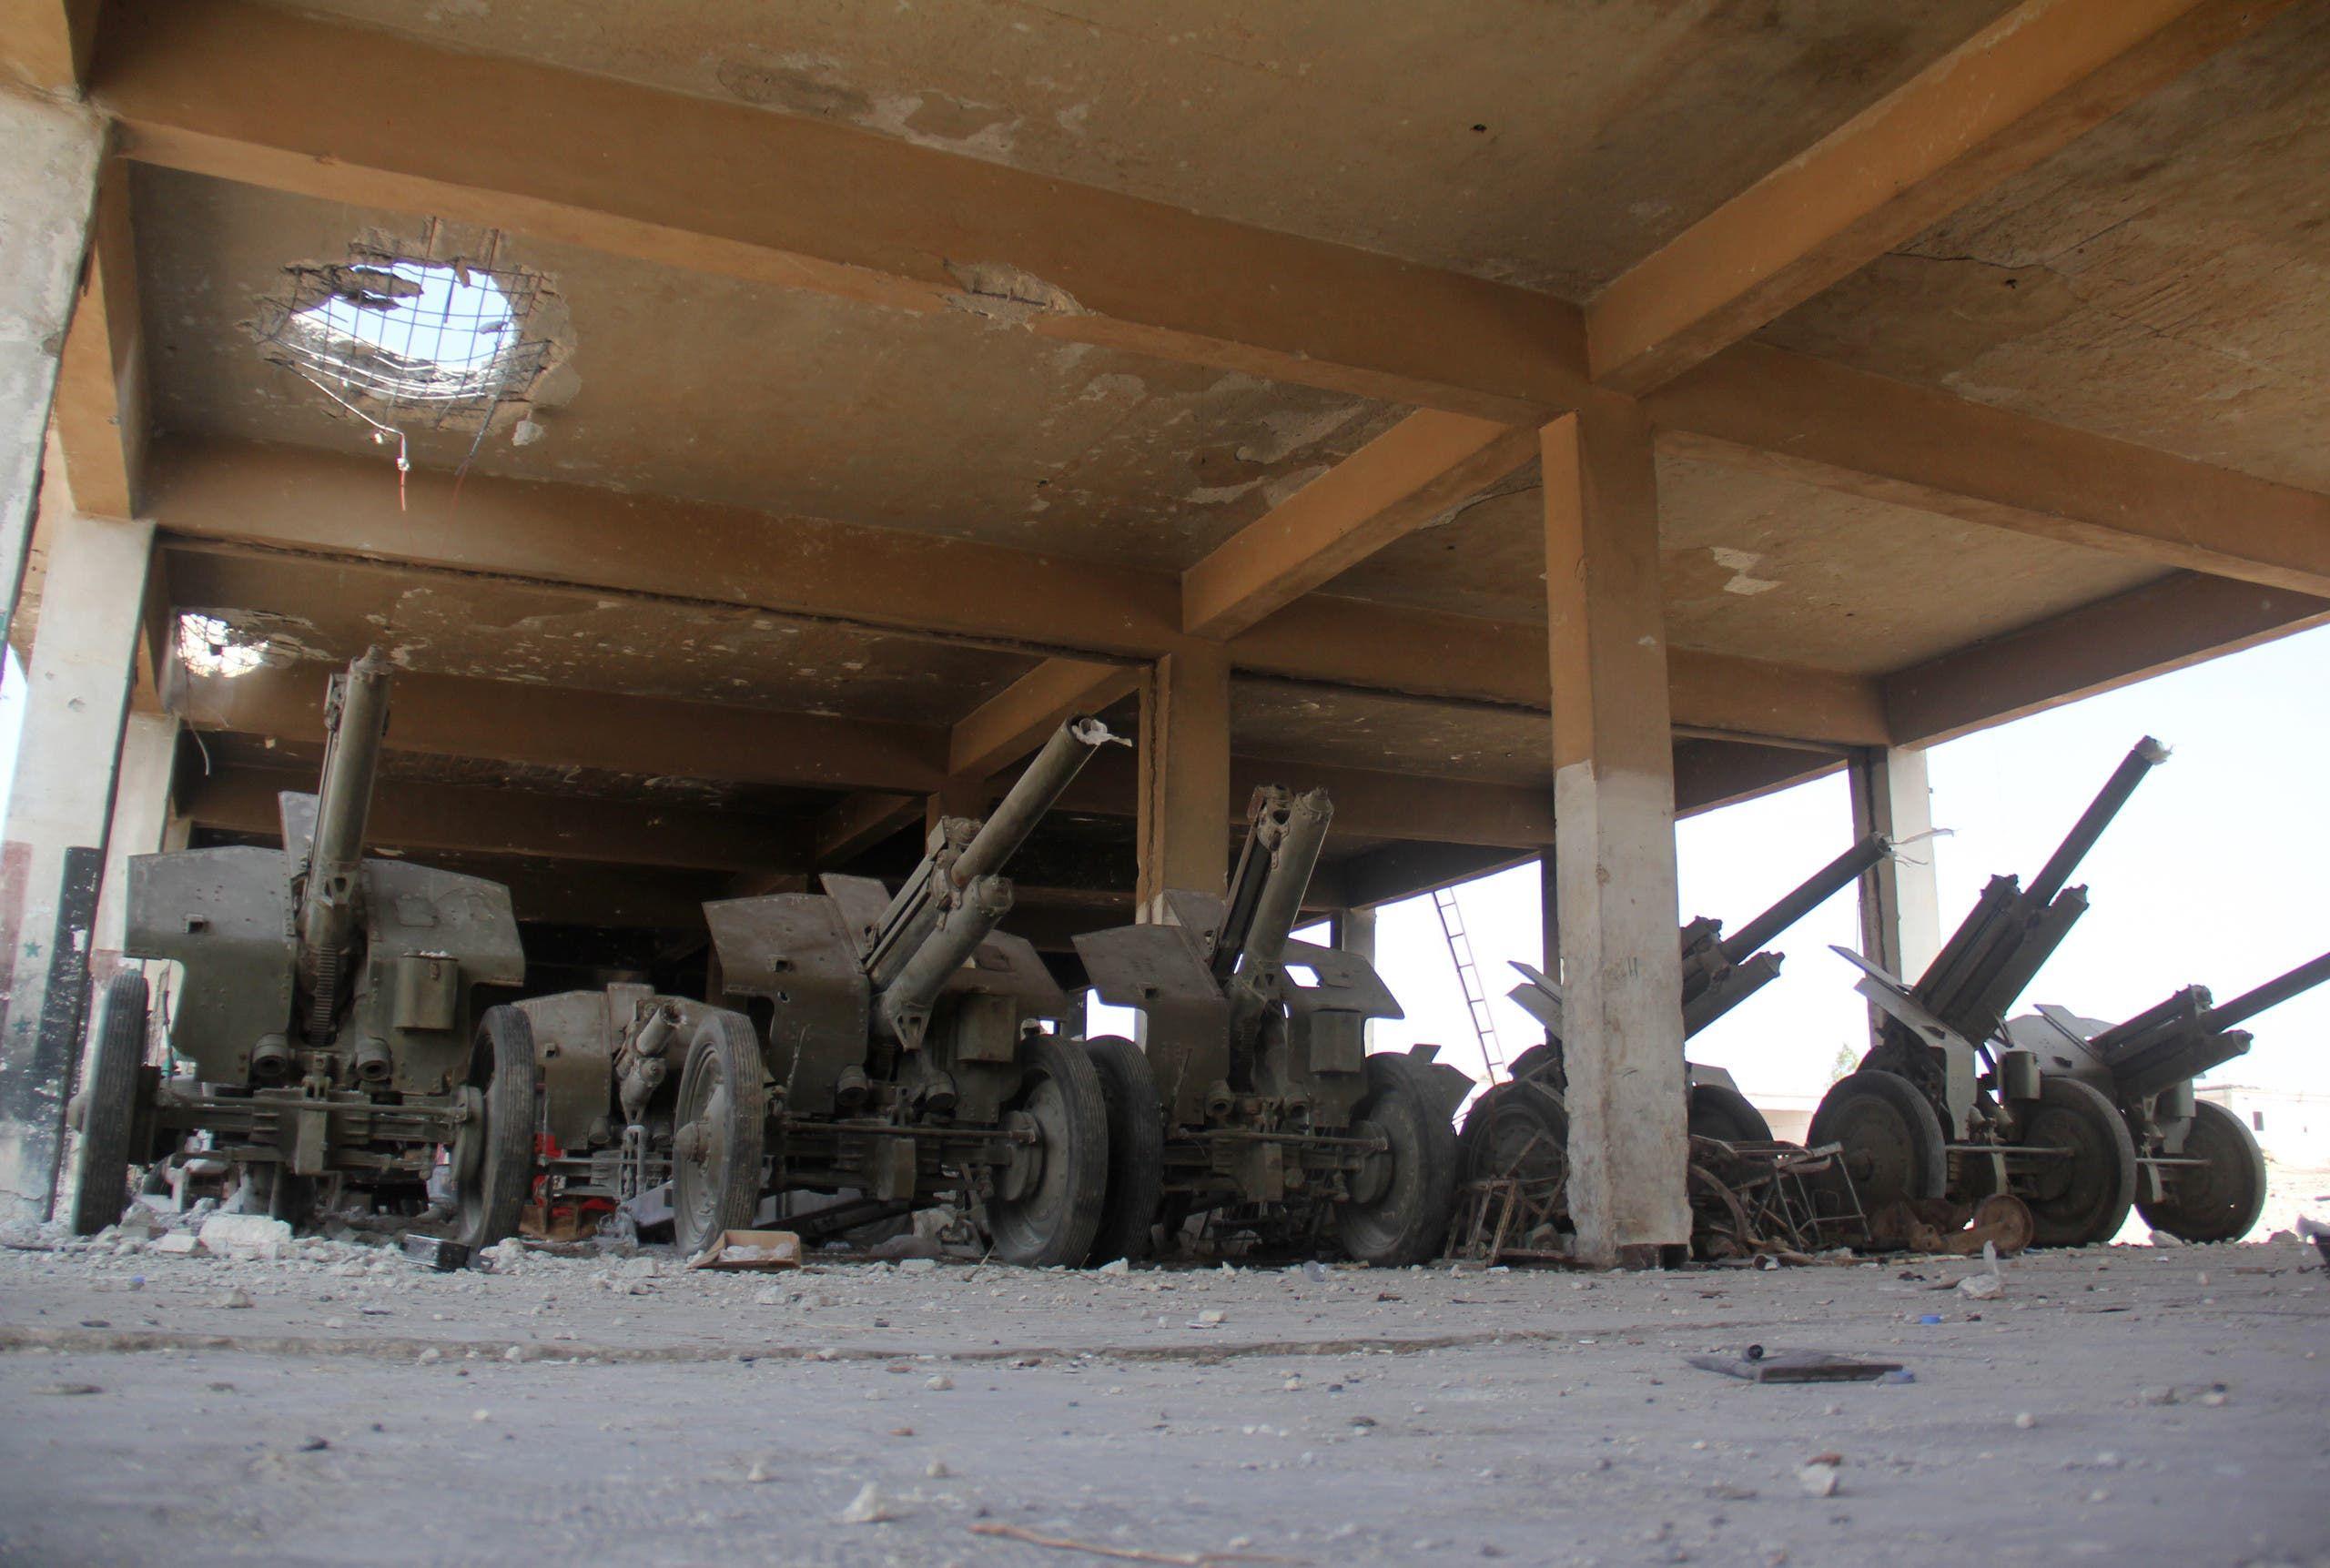 عتاد تابع لجبهة النصرة شمال سوريا (فرانس برس)